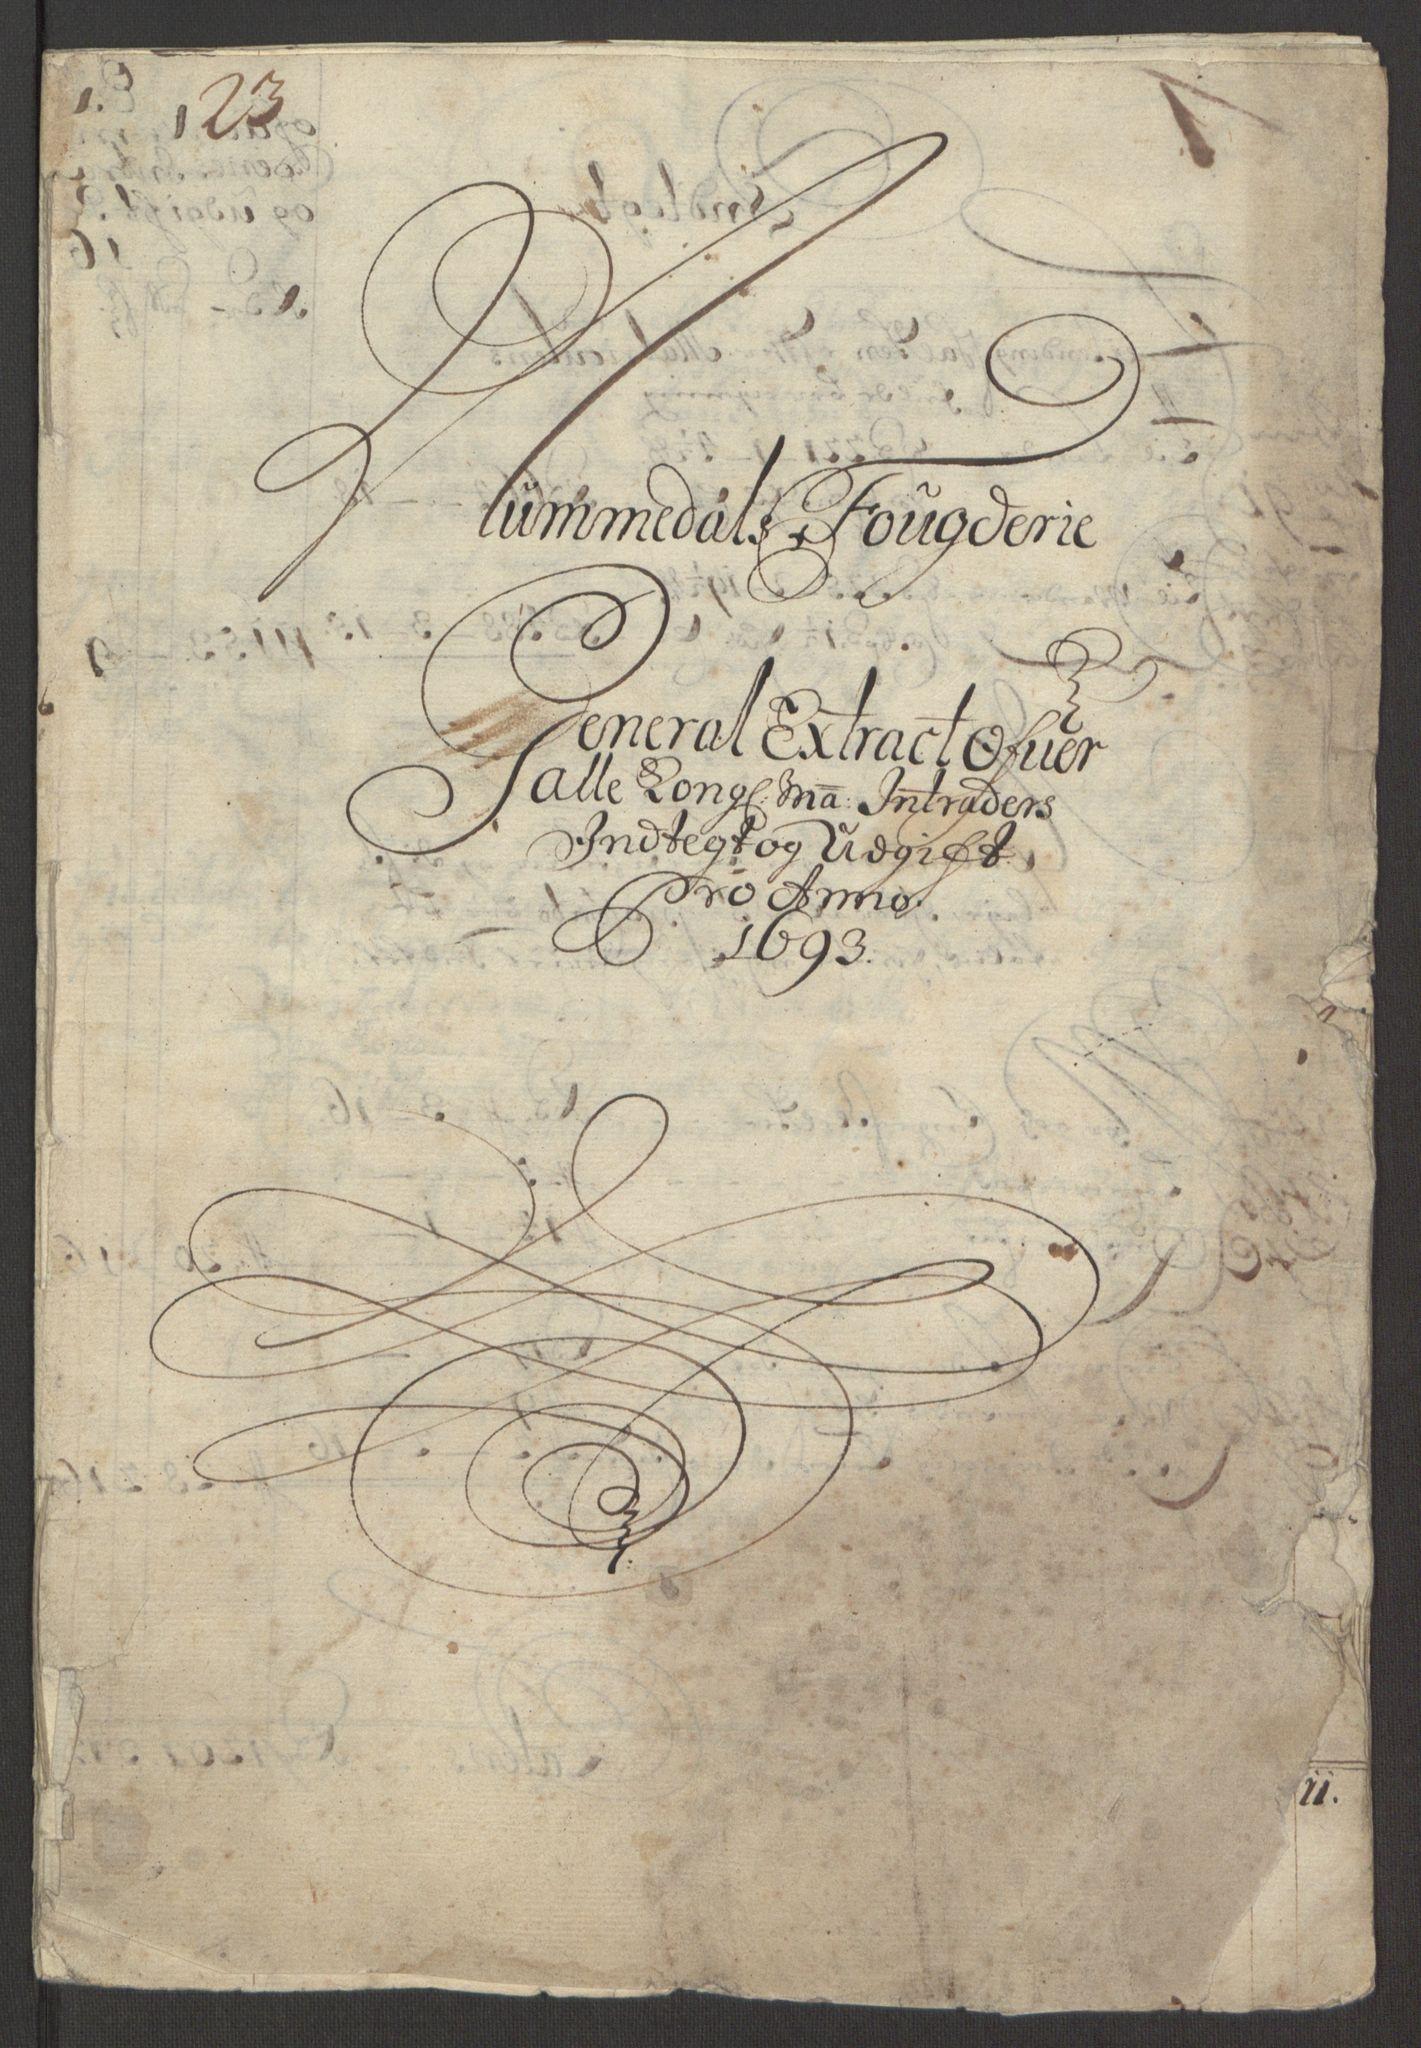 RA, Rentekammeret inntil 1814, Reviderte regnskaper, Fogderegnskap, R64/L4424: Fogderegnskap Namdal, 1692-1695, s. 229